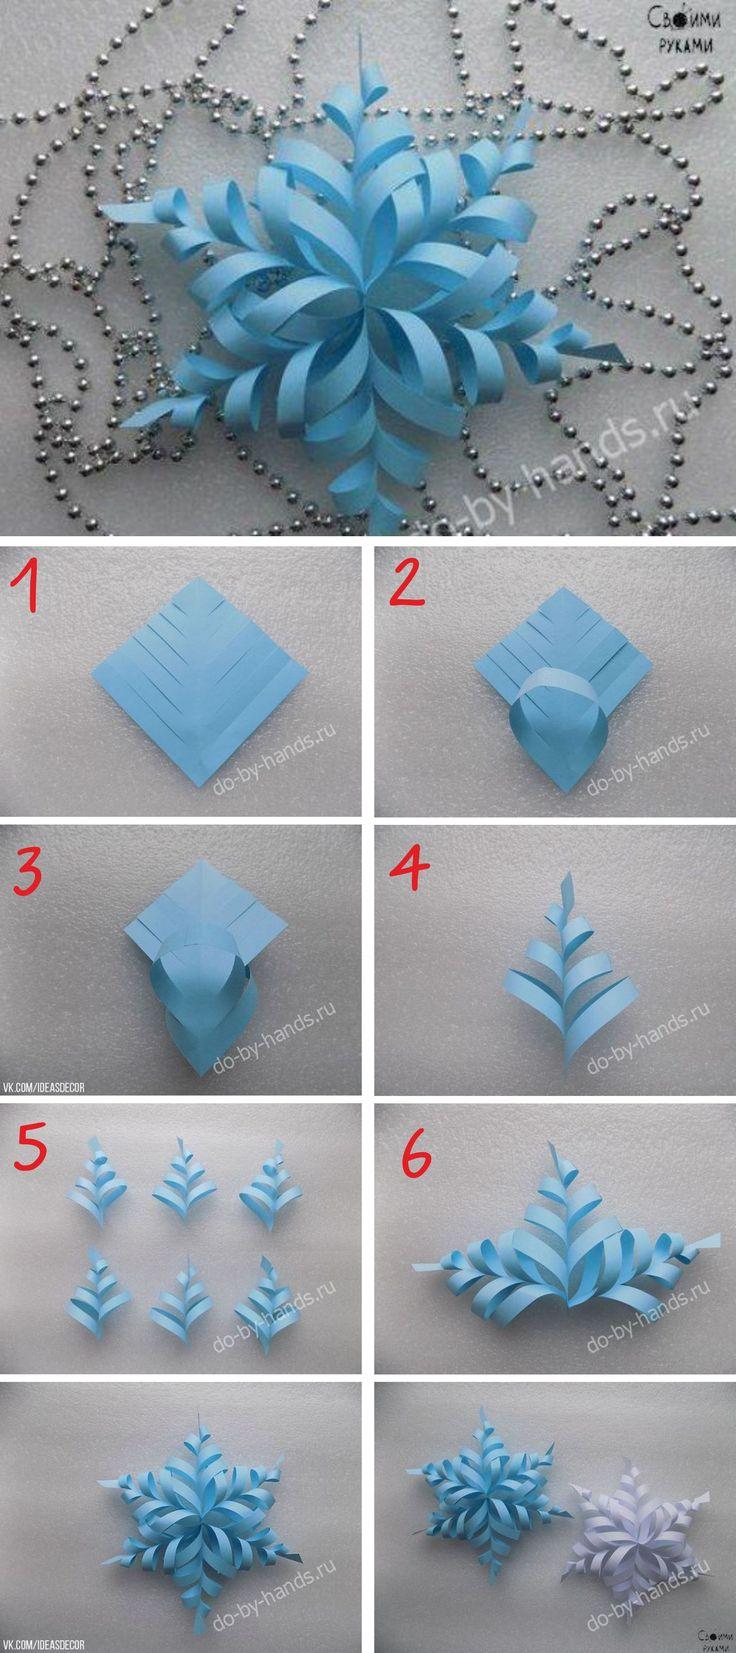 Как сделать снежинку из салфетки фото поэтапно